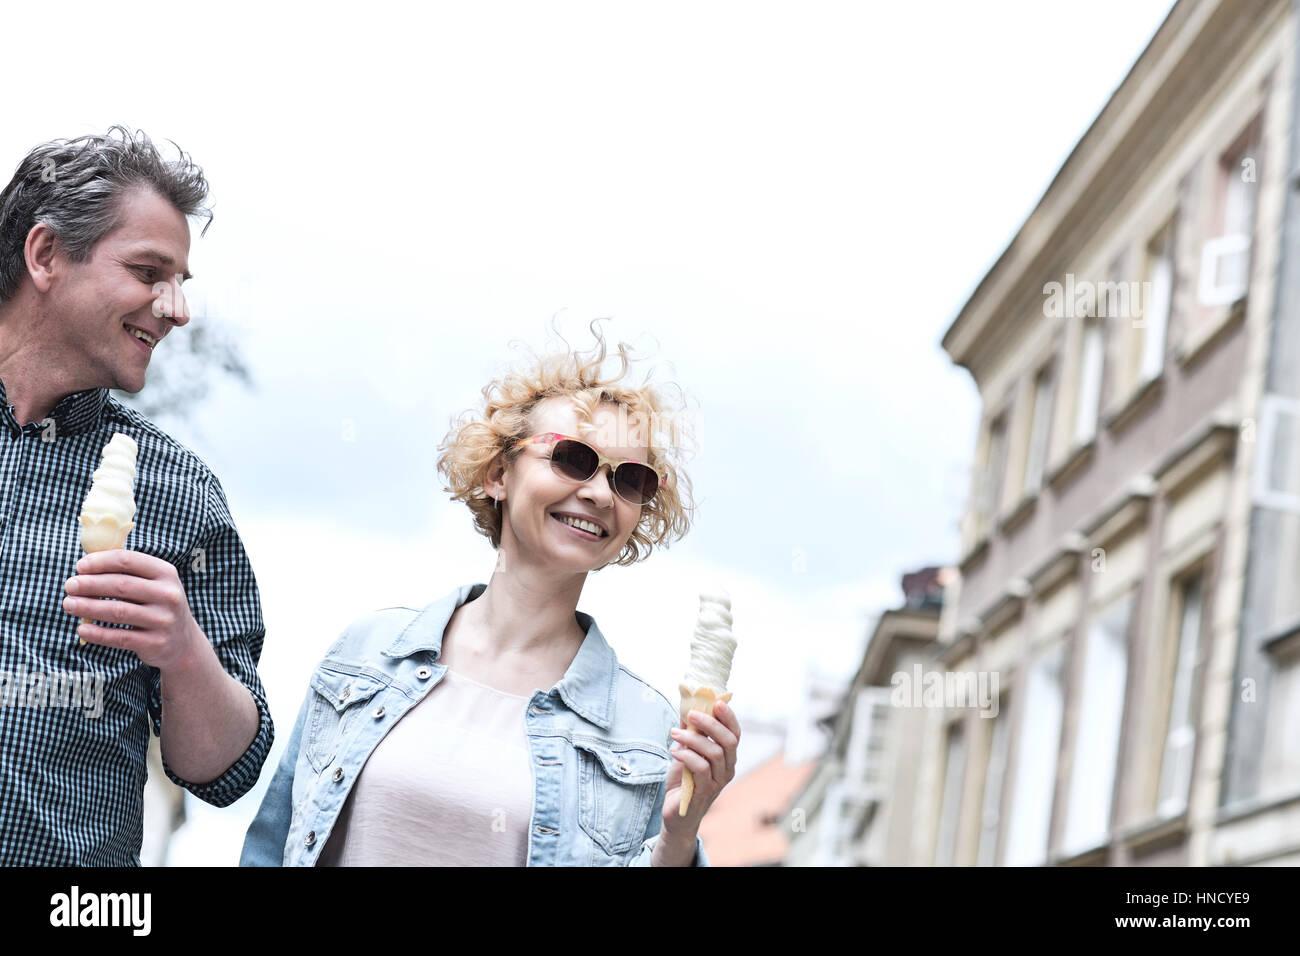 Paar mittleren Alters mit Eistüten an sonnigen Tag lächelnd Stockbild